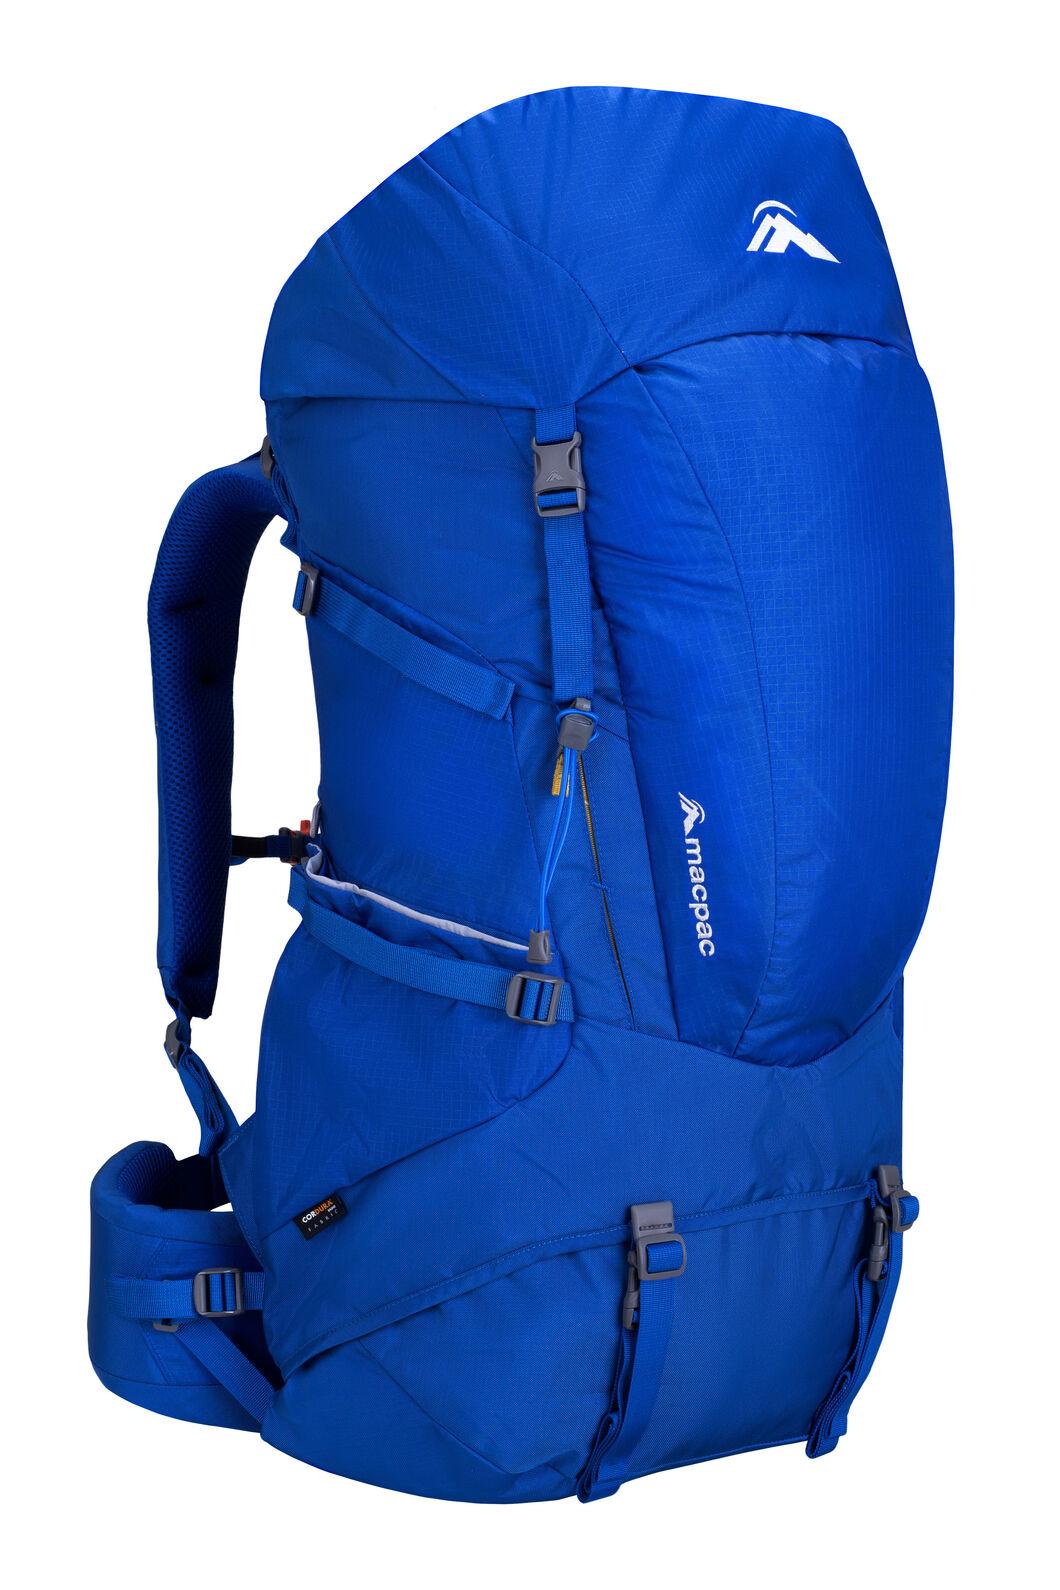 Macpac Torlesse 65L Hiking Backpack, Nautical Blue, hi-res